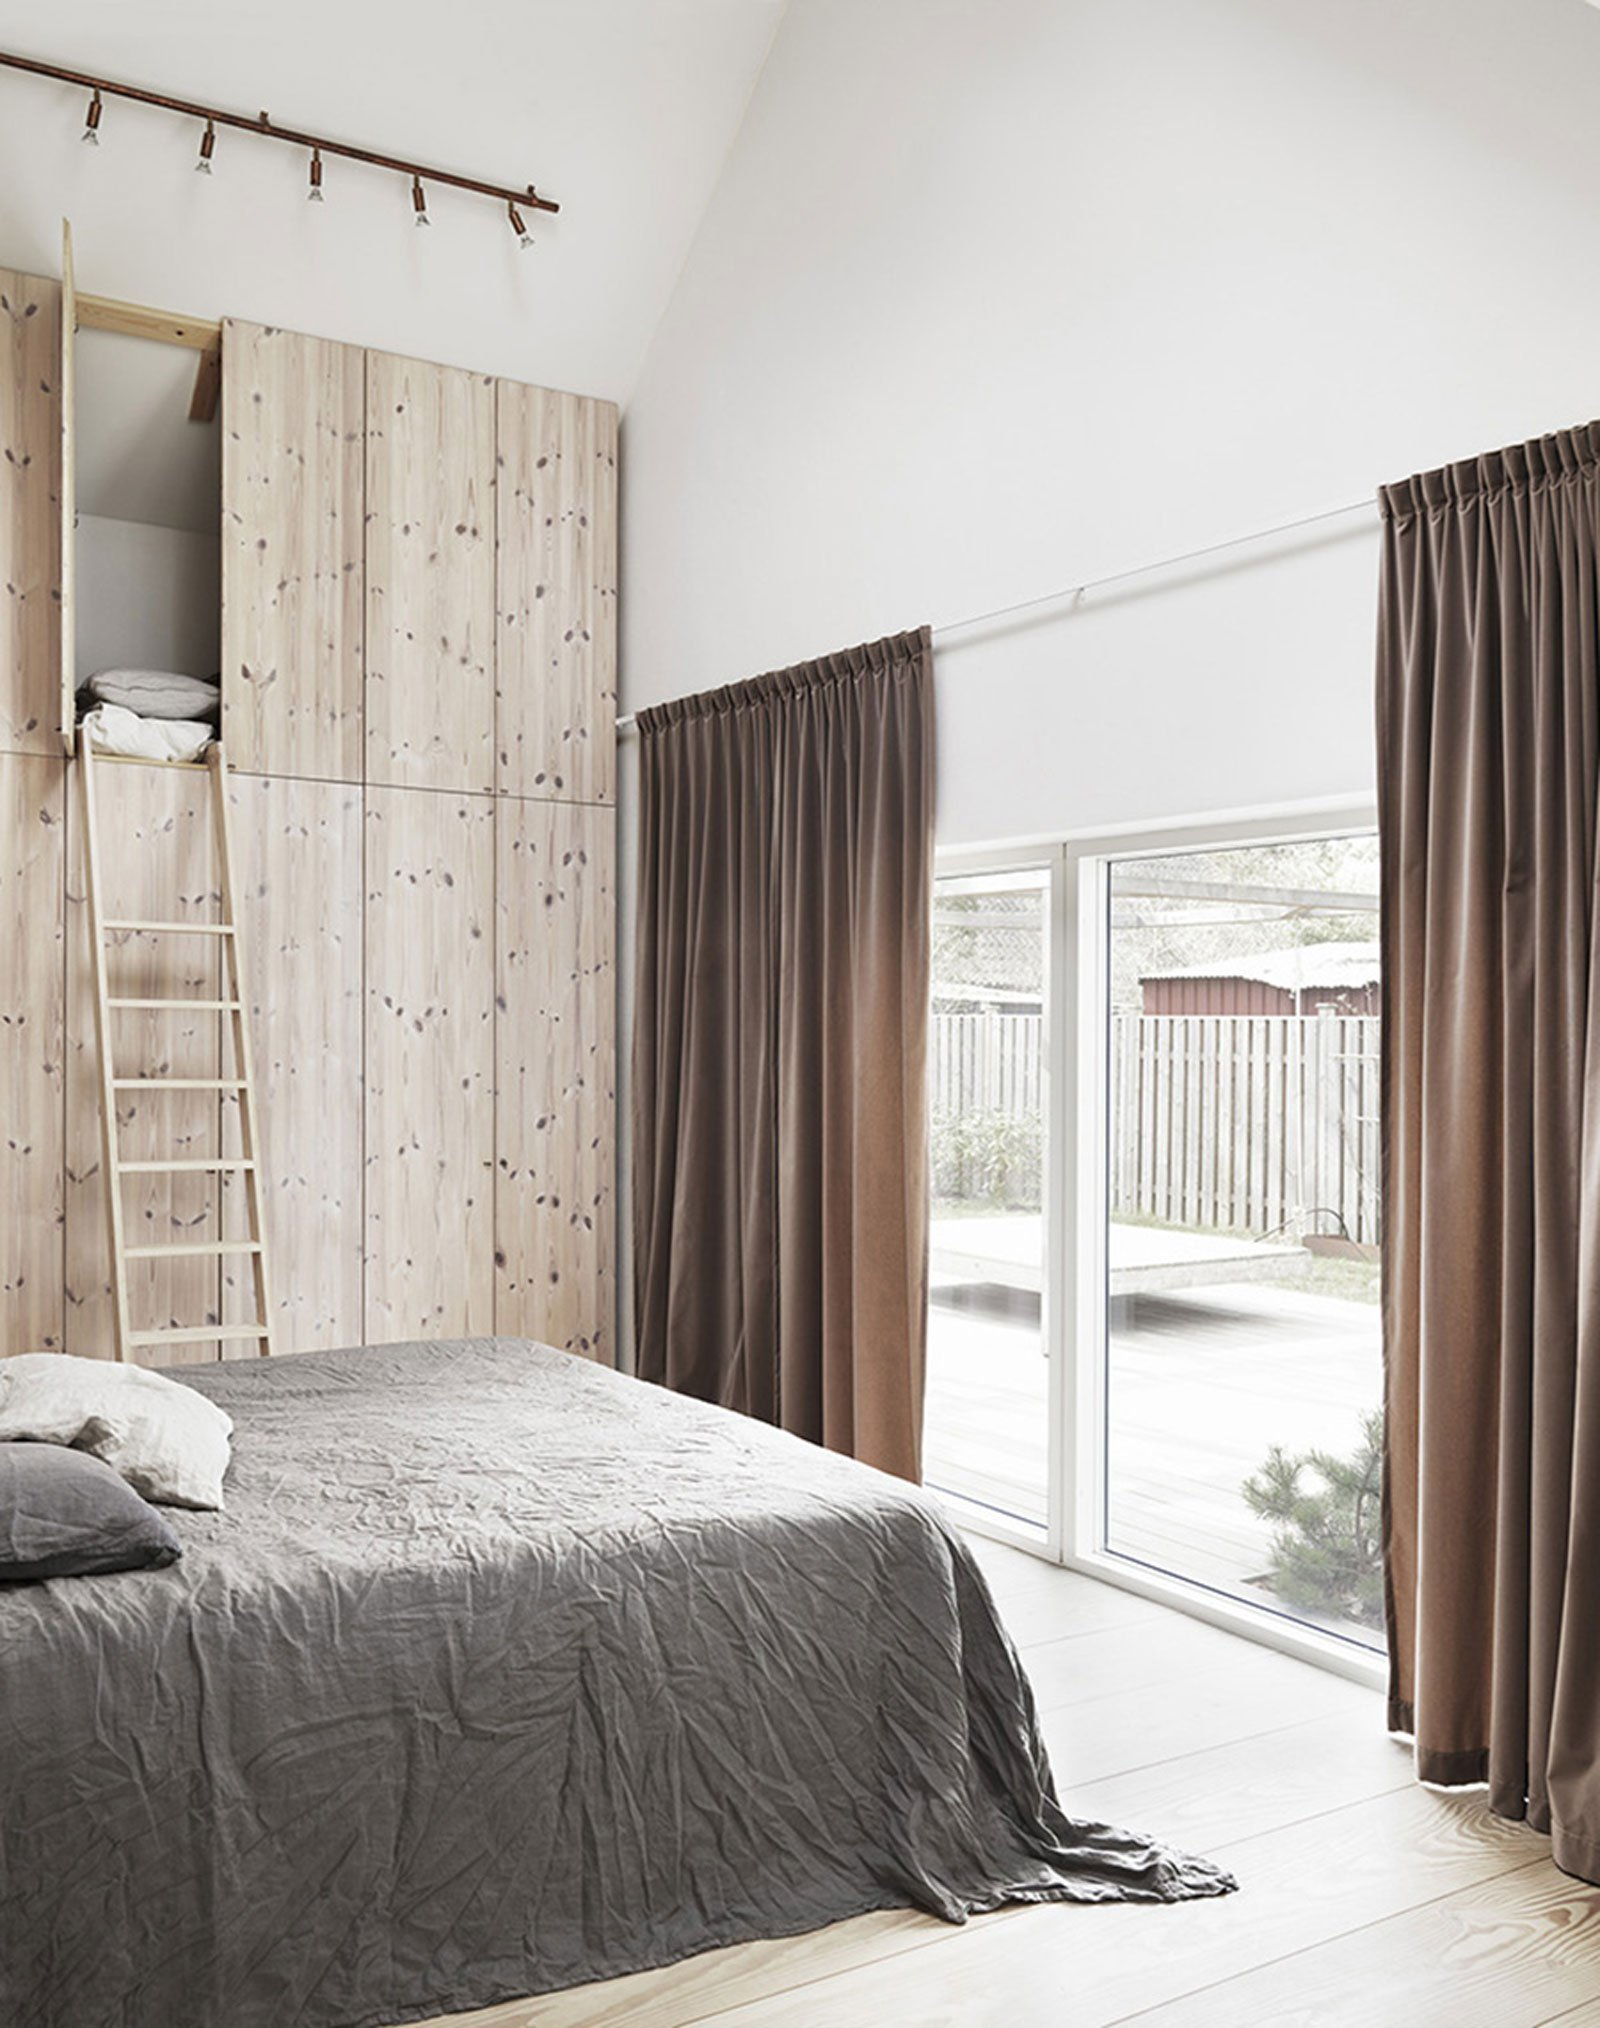 bedroom cozy natural warm